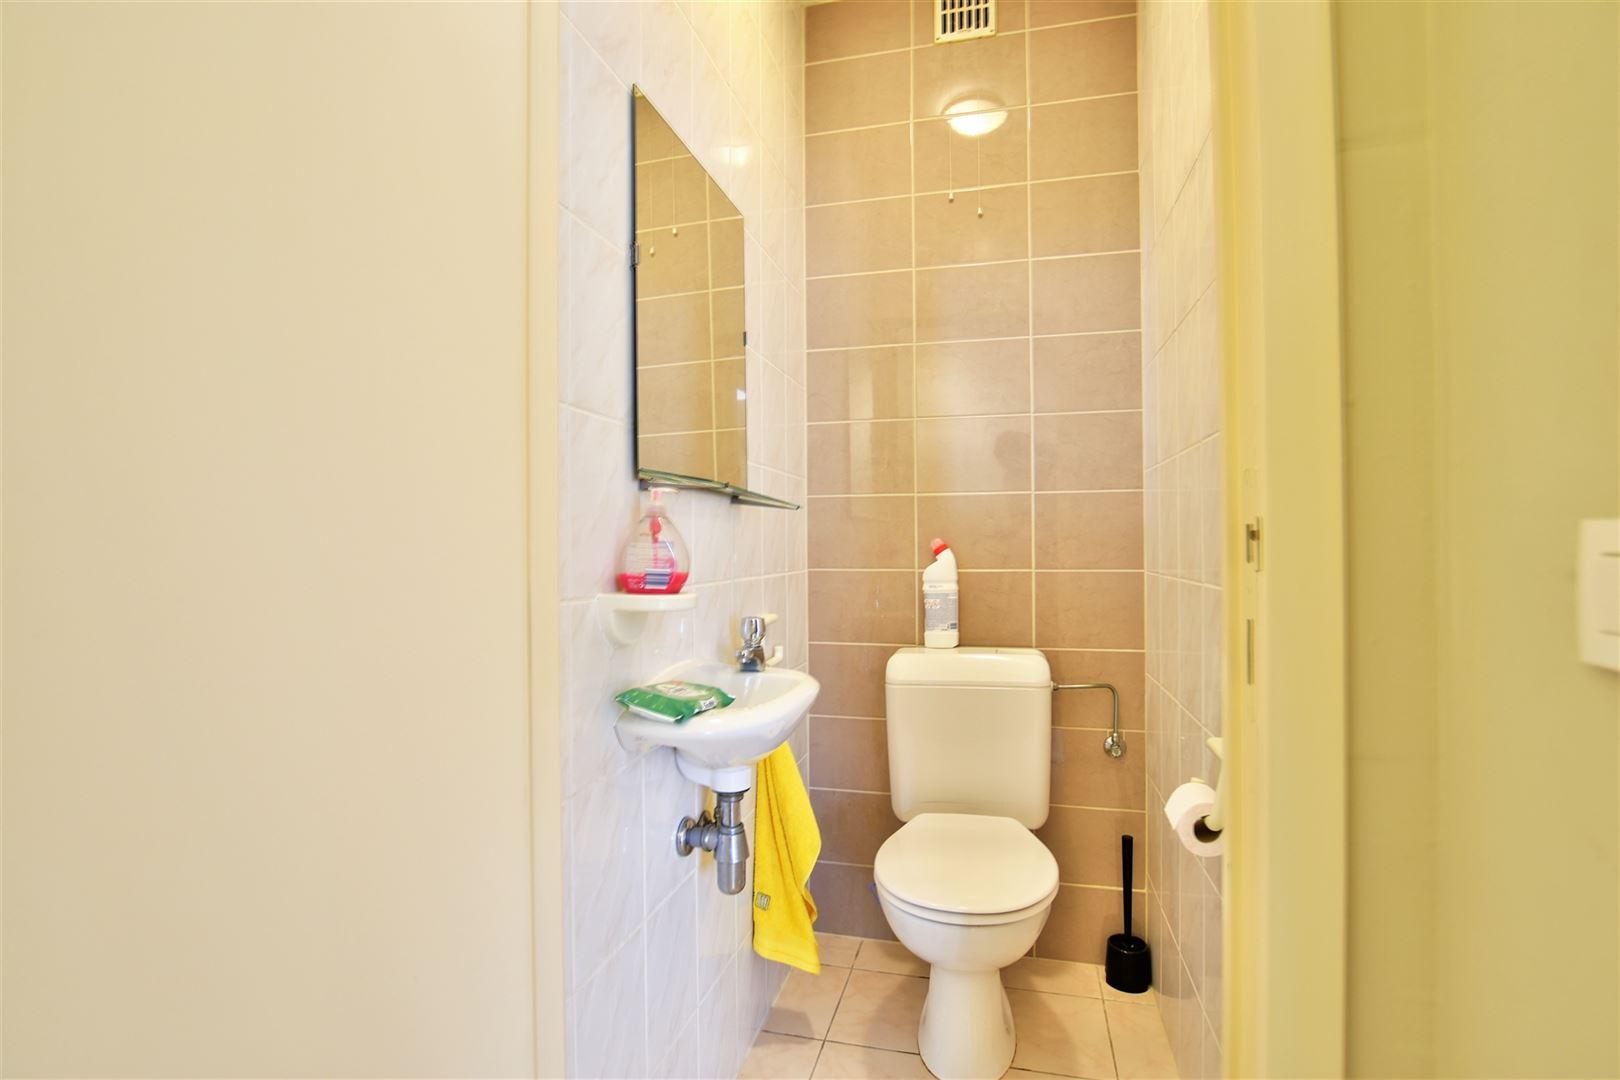 Foto 11 : Appartement te 9200 APPELS (België) - Prijs € 190.000